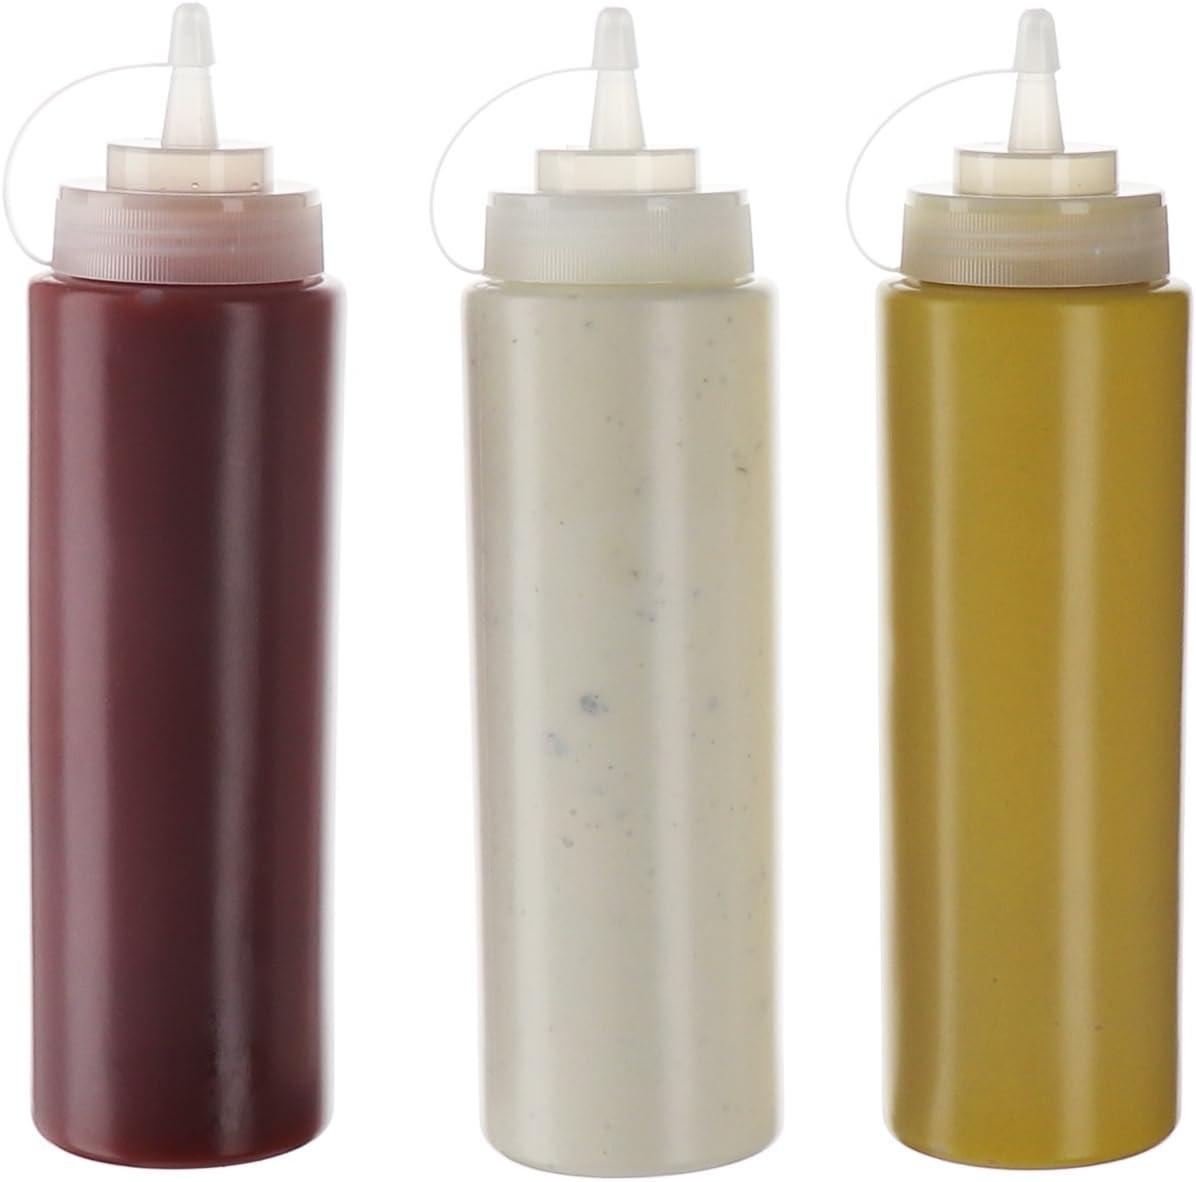 1PC 8-24oz Plastic Refillable Squeeze Squeezy Sauce Dispenser Bottle Bottle K0O4